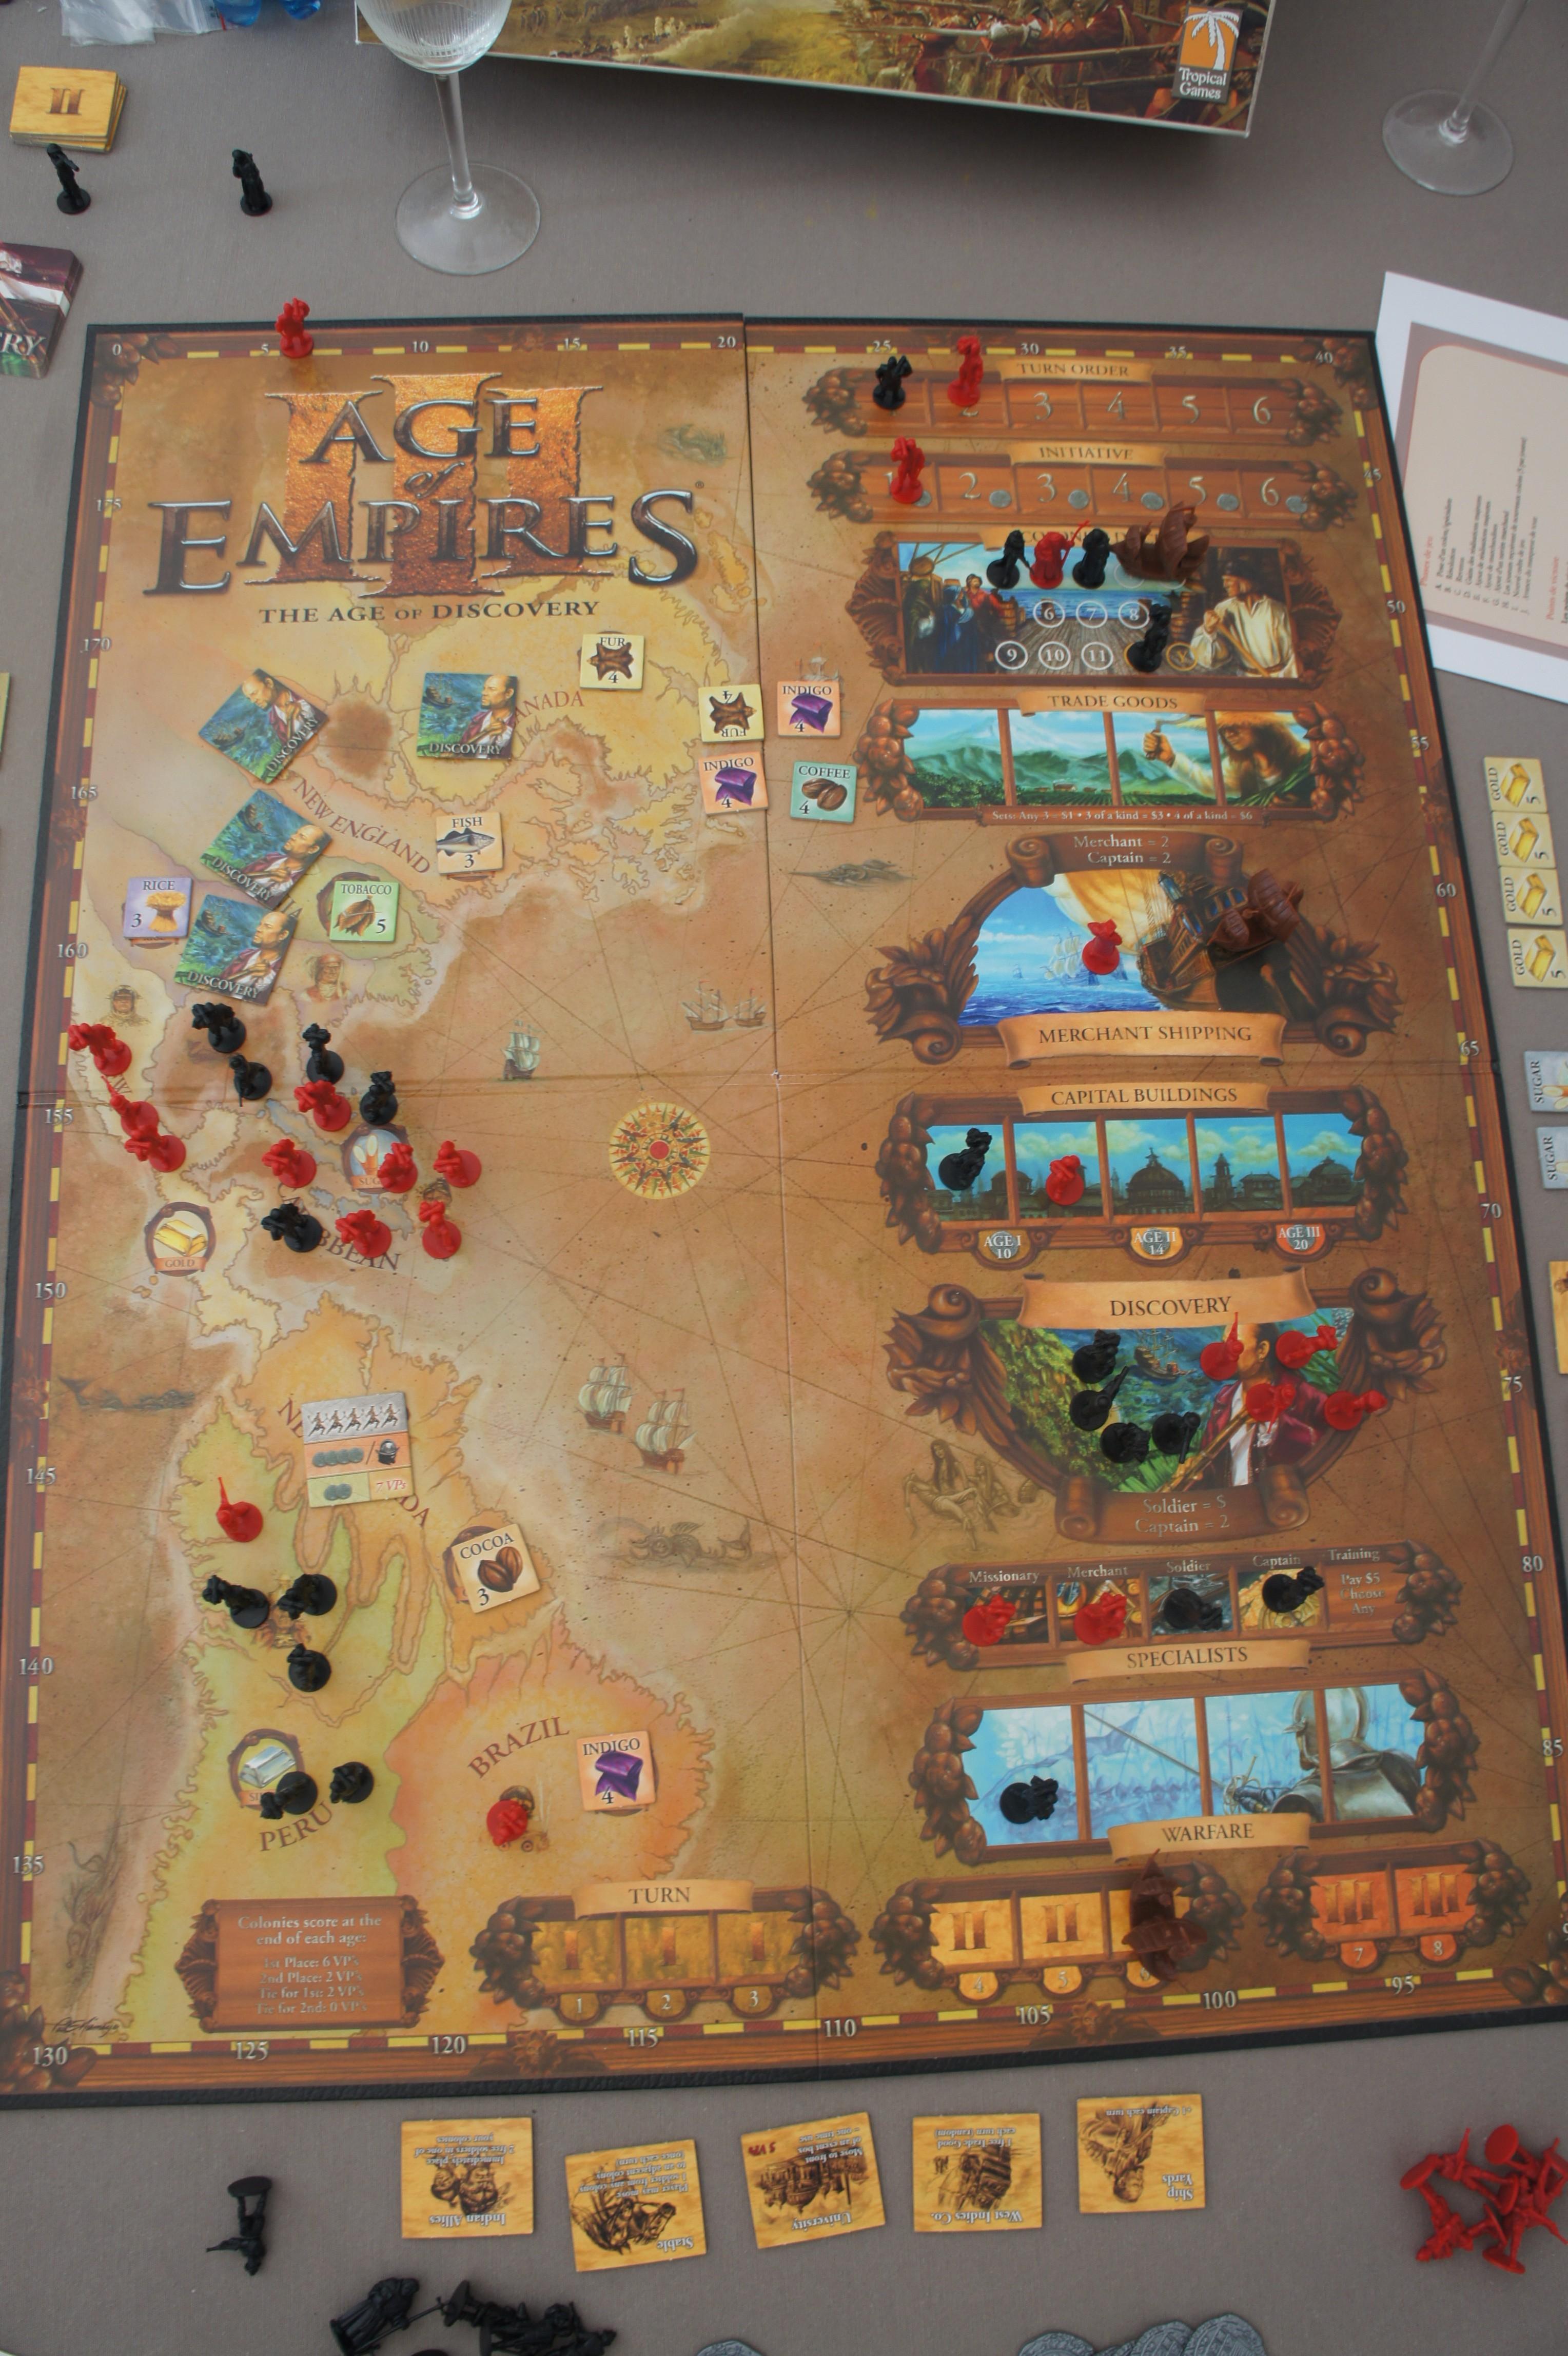 Le tout premier Age of Empires, le célèbre jeu de stratégie en temps réel où vous devez conduire votre petite tribu à une civilisation puissante, passant de l'âge de Pierre à l'âge de Fer.